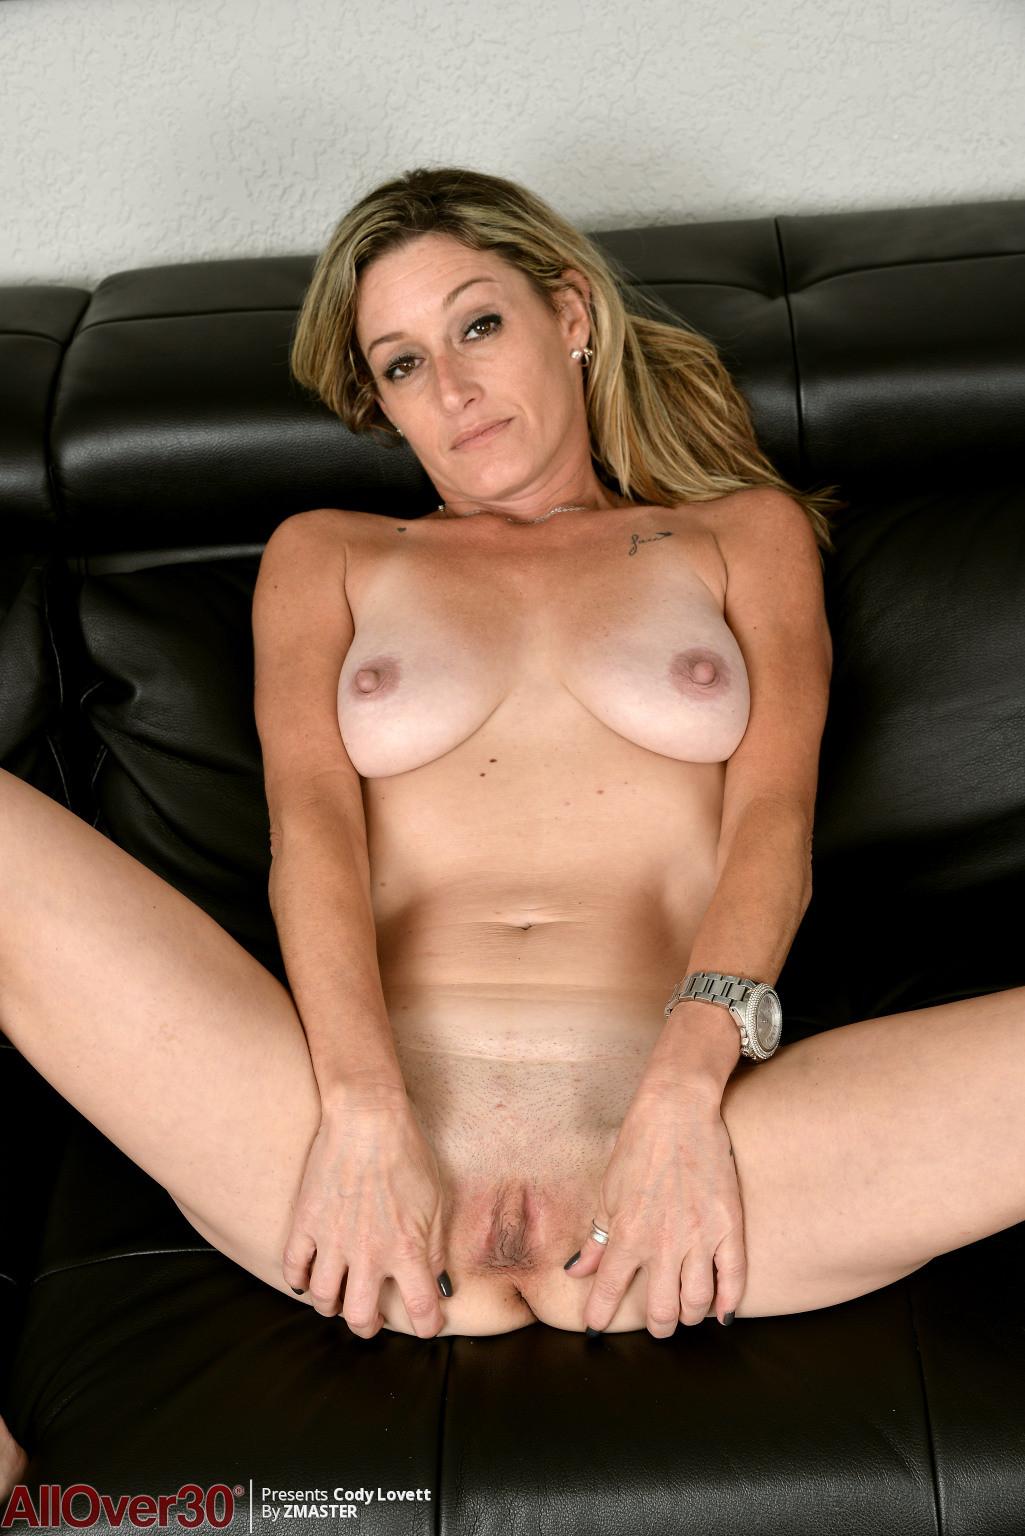 cody amateur chubby milf nude pics